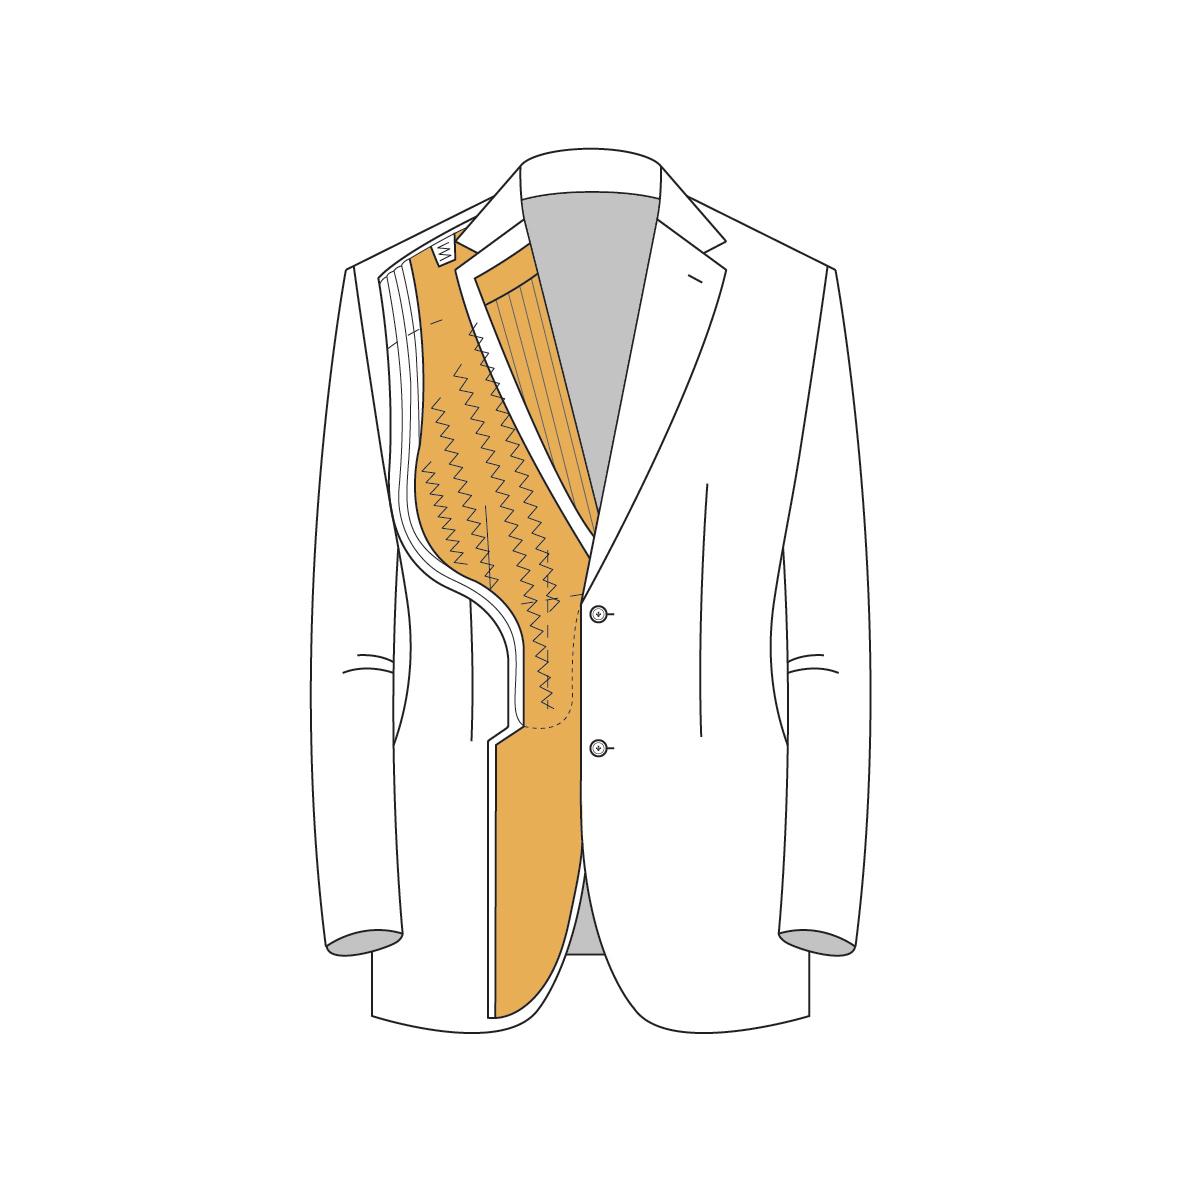 Senzio Garment Finals V2 Jacket Standard Construction 2